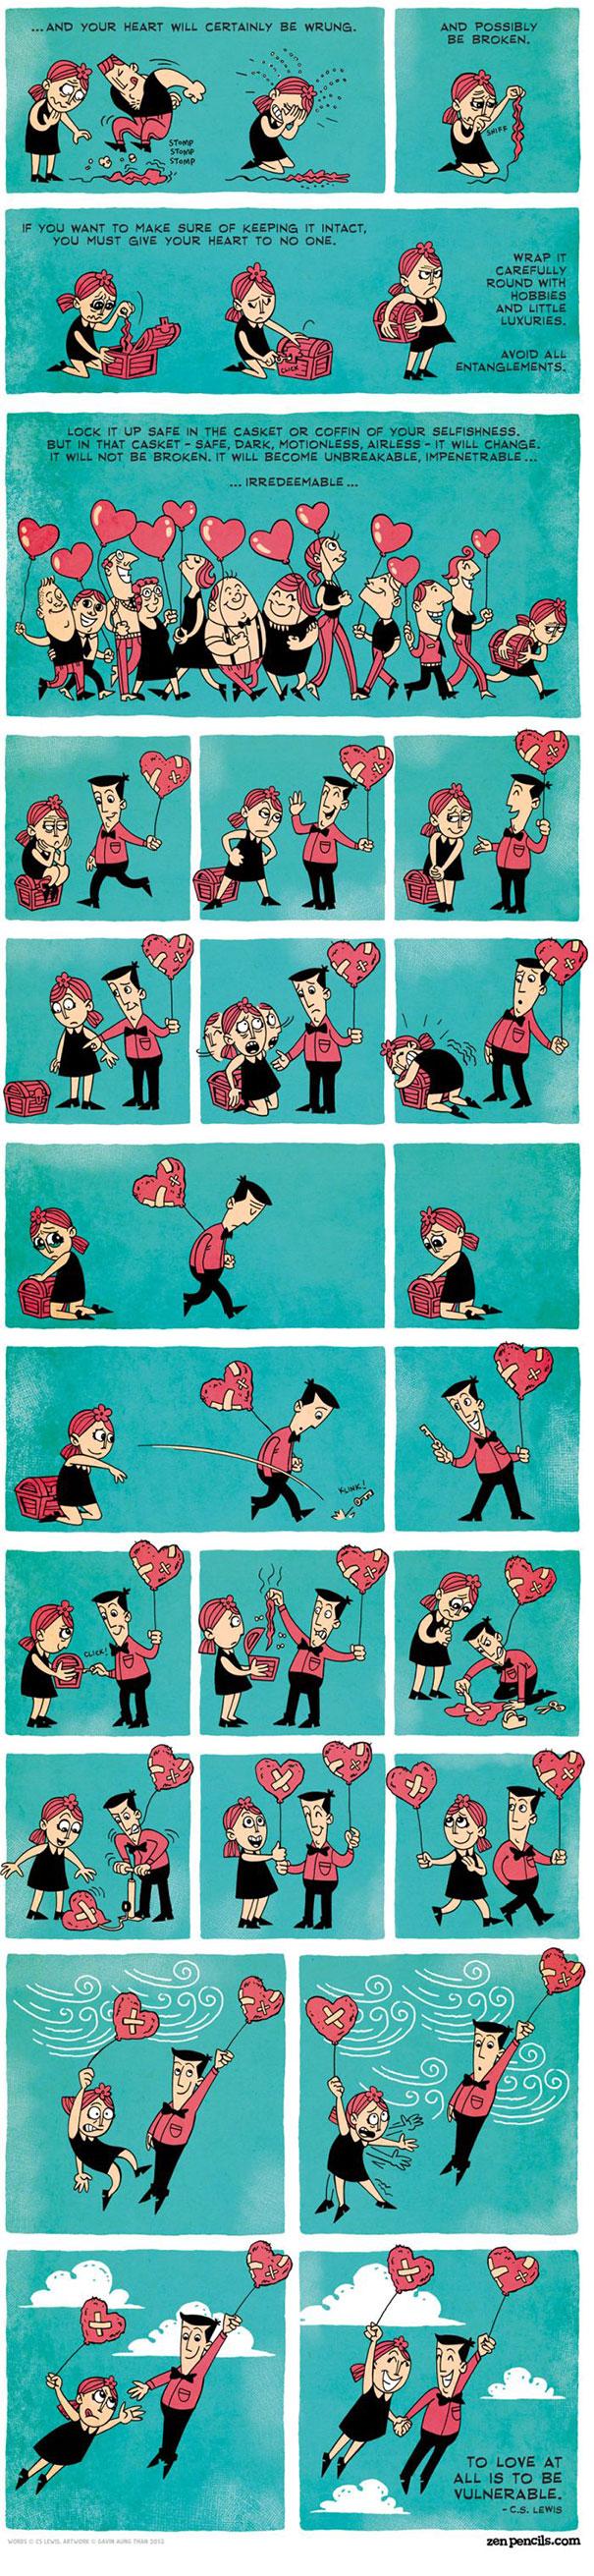 Ένα κόμικ σχετικά με τον έρωτα... (2)